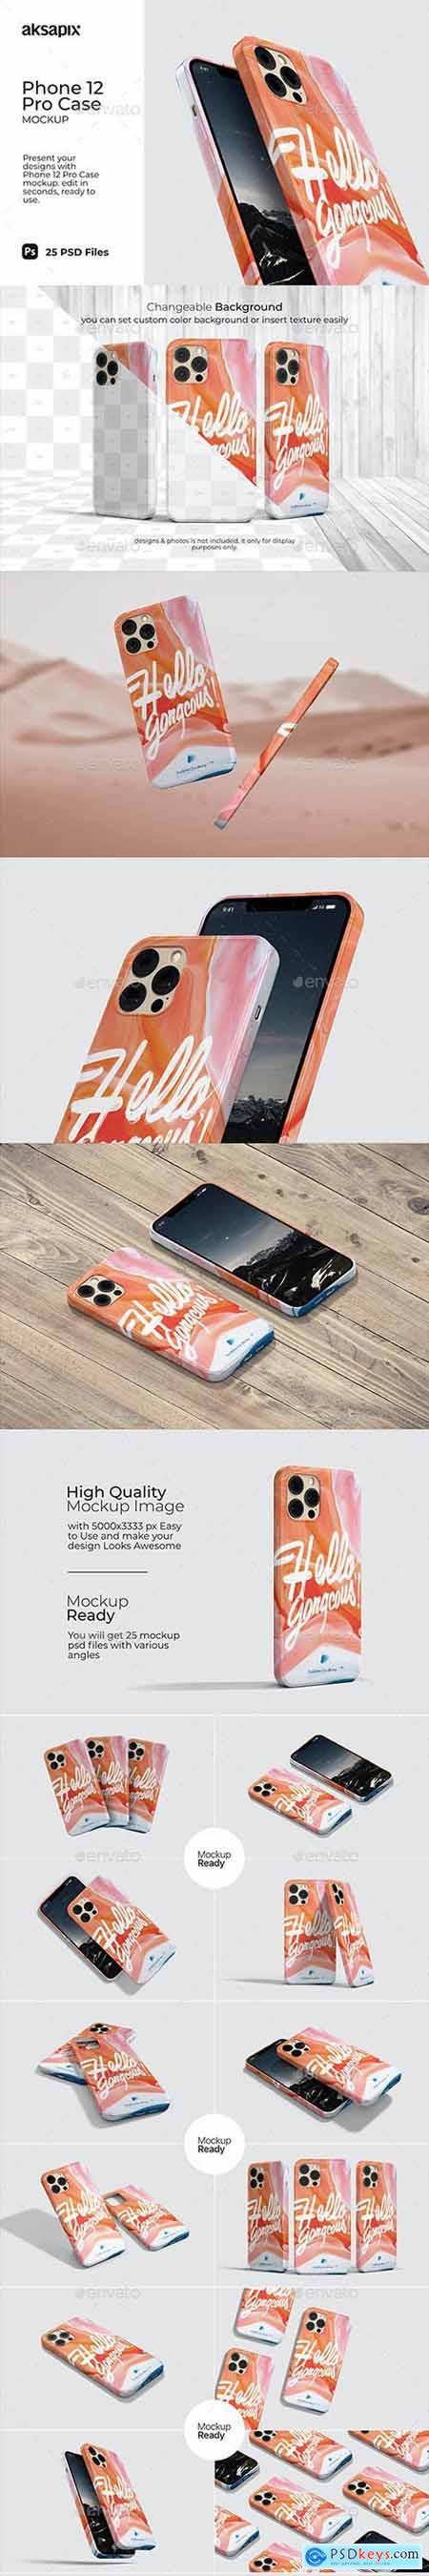 Phone 12 Pro Case Mockup 31805080